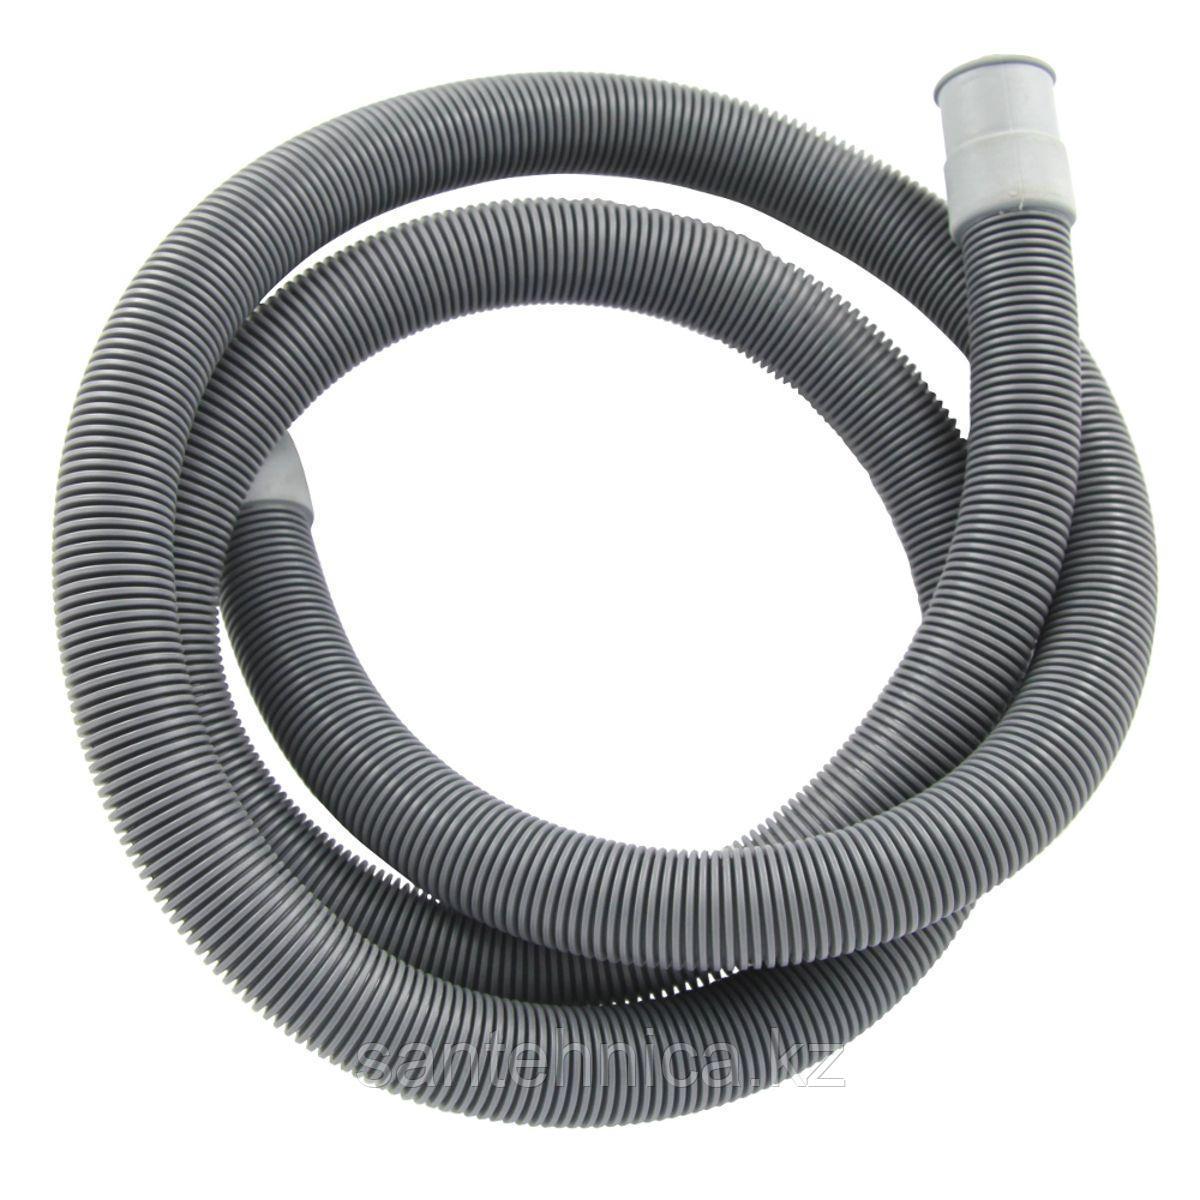 Шланг сливной для стиральной машины D=17/21 мм L=2.0 м Tuboflex